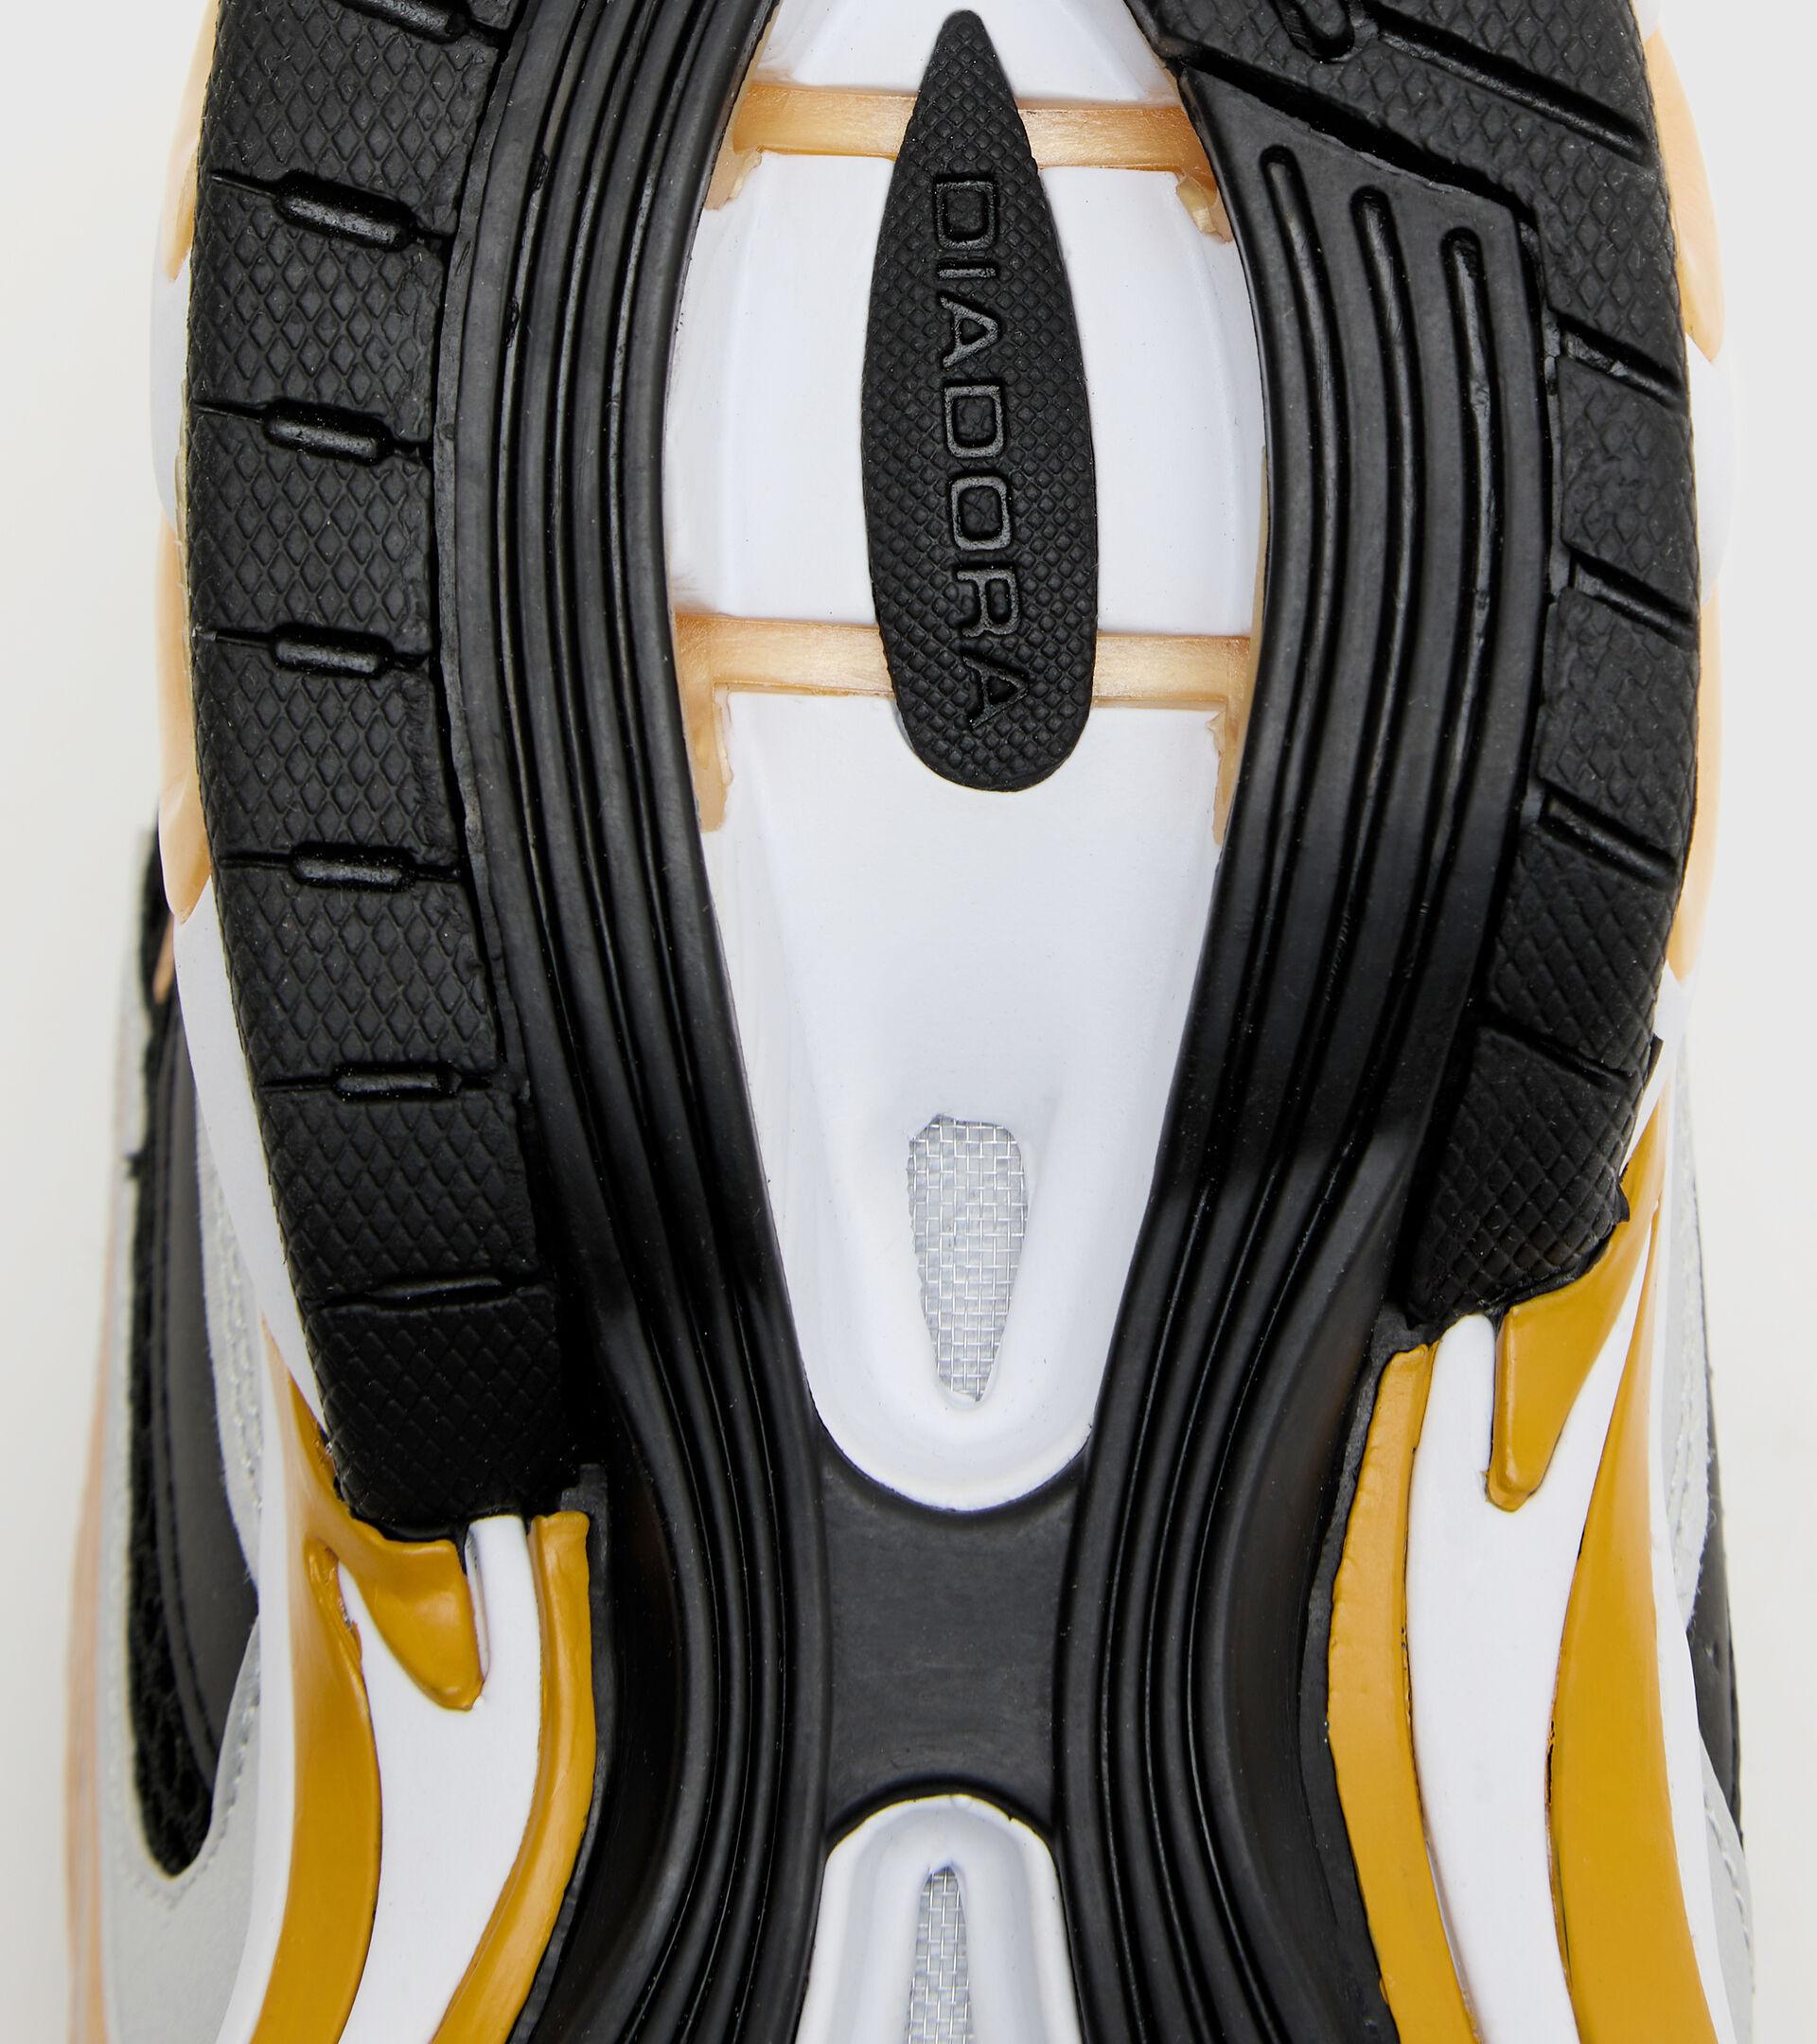 Footwear Sportswear UNISEX MYTHOS PROPULSION 280 BLACK/GOLD Diadora